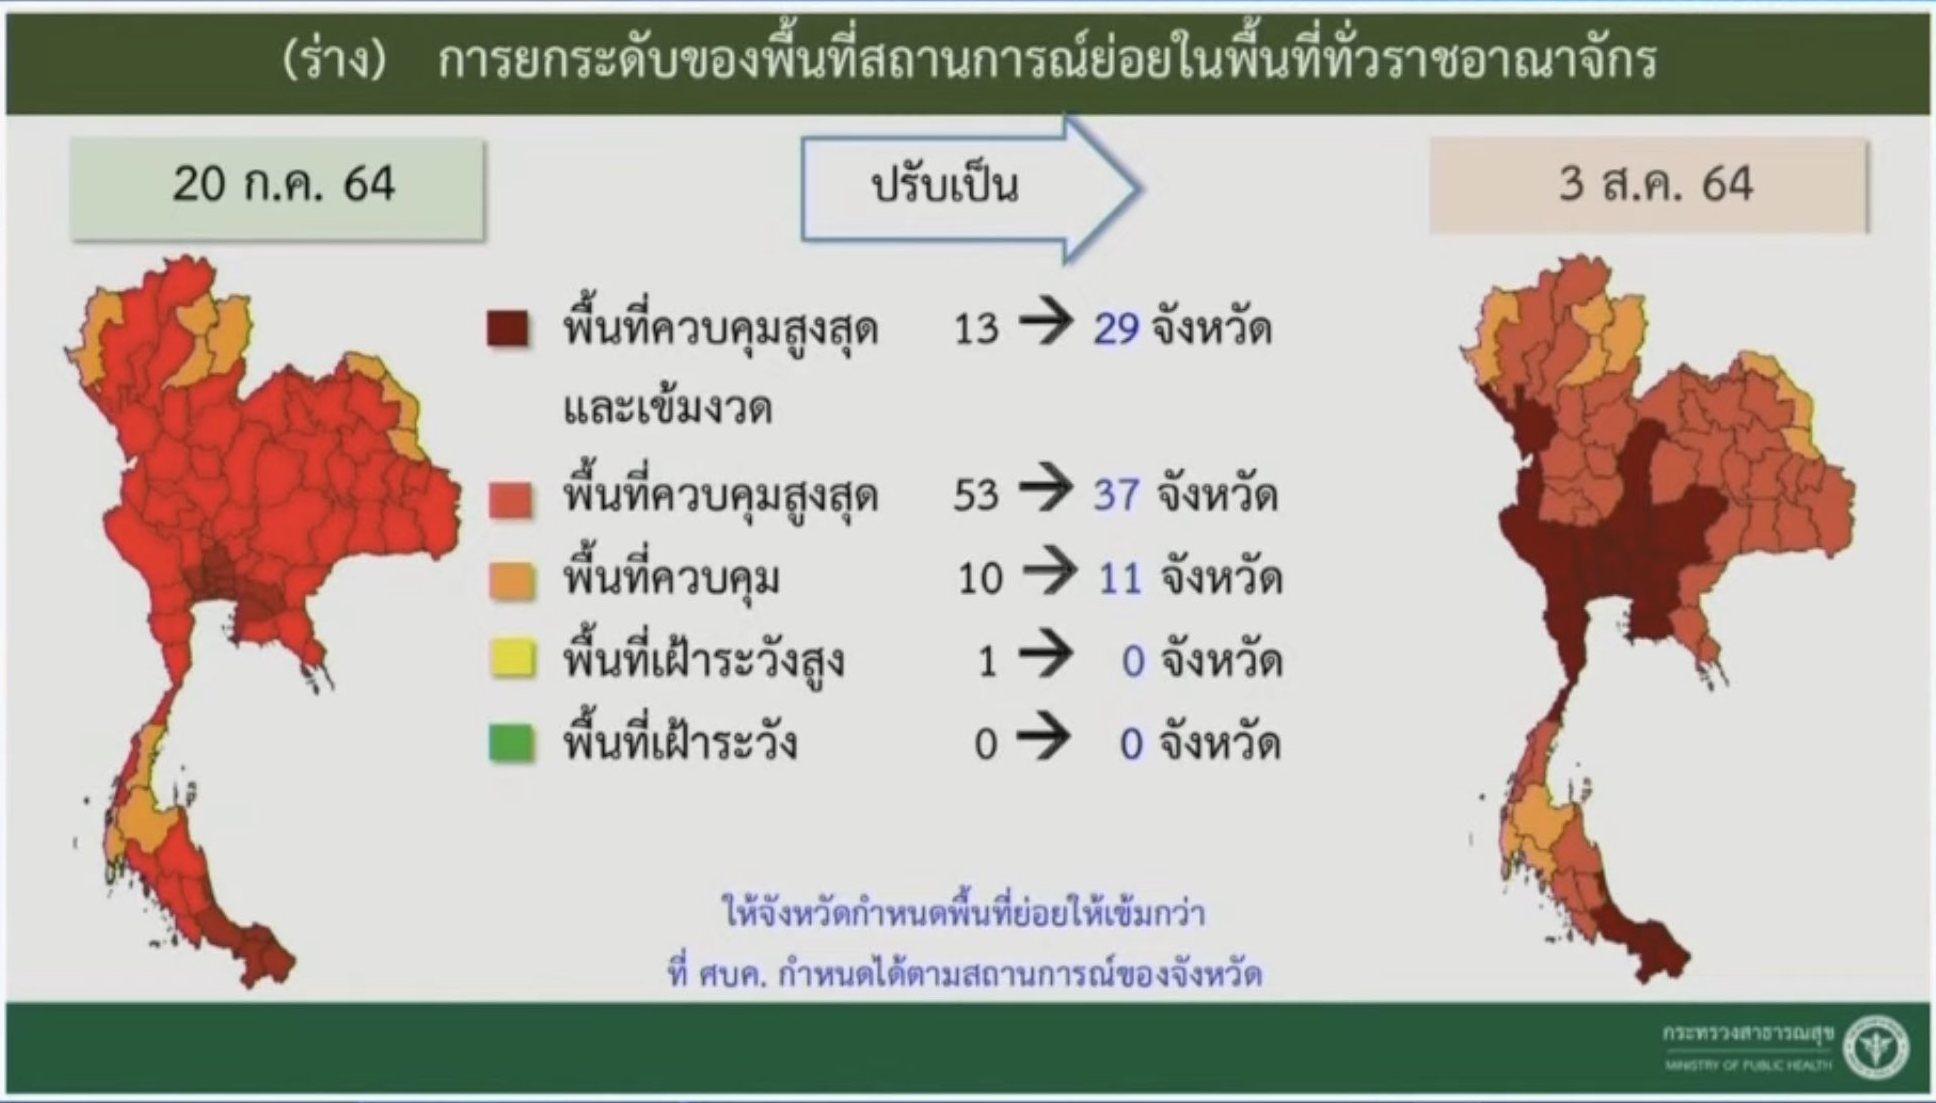 www.thaiguide.dk/images/forum/covid19/zone%20fordeling%20farver%20kort.jpg